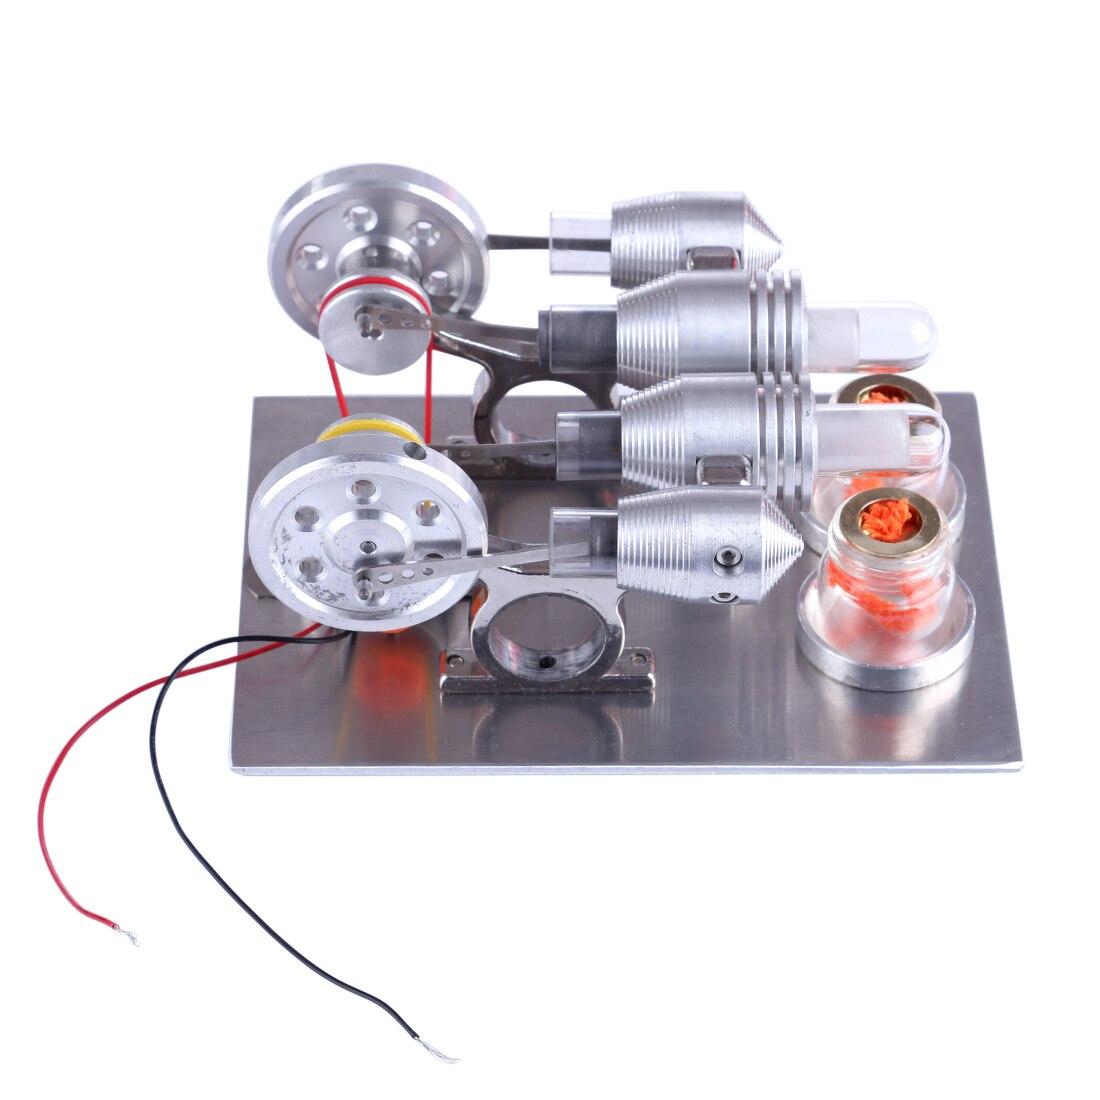 Jouet d'expérimentation de Science de physique de modèle de moteur de Stirling de Double cylindre pour le Kit d'apprentissage d'étudiant